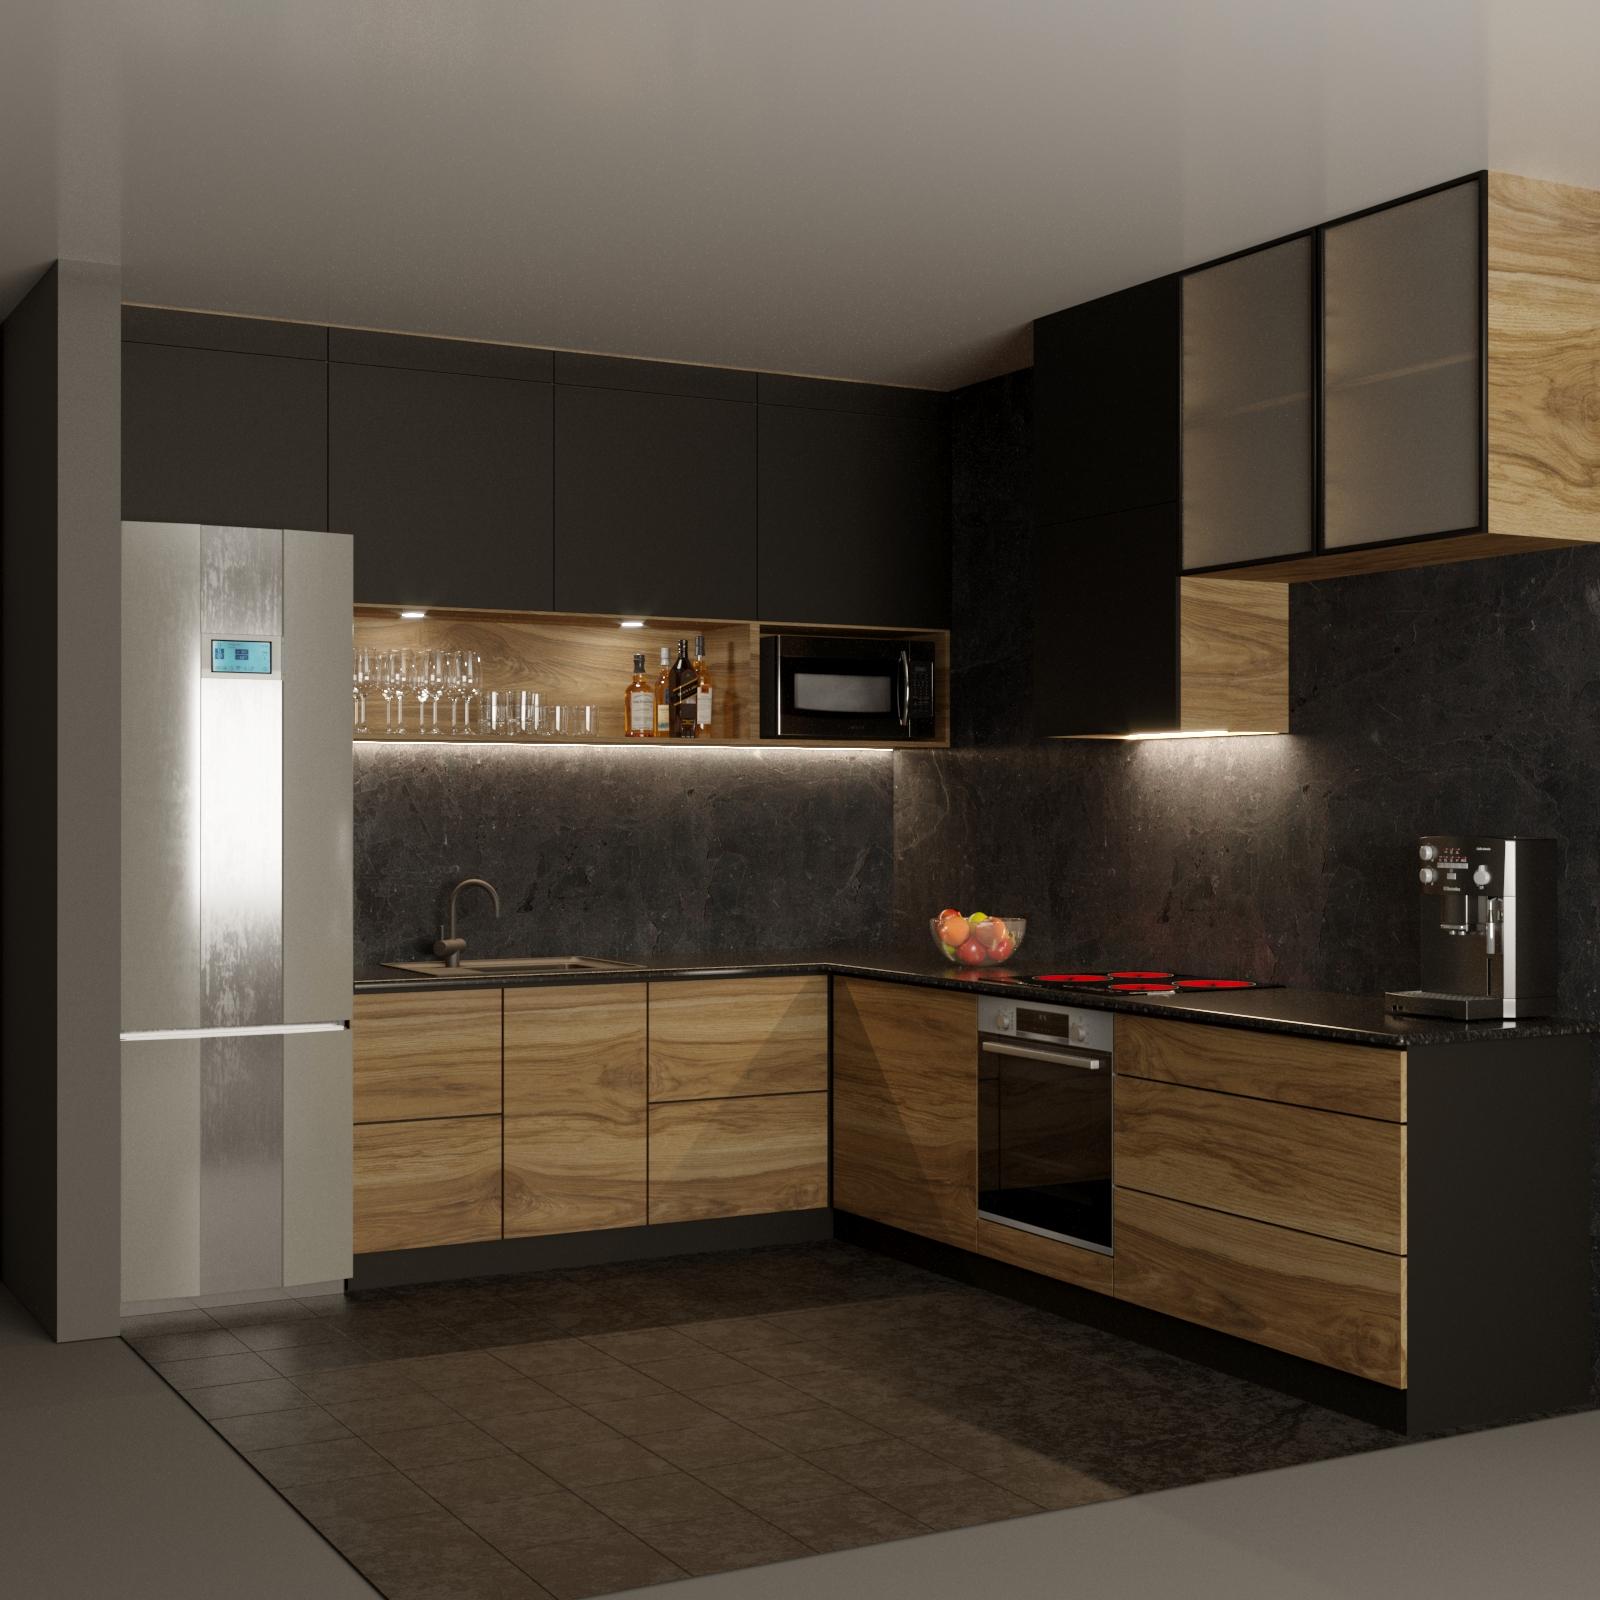 Фото Визуализация кухни по рисунку заказчика